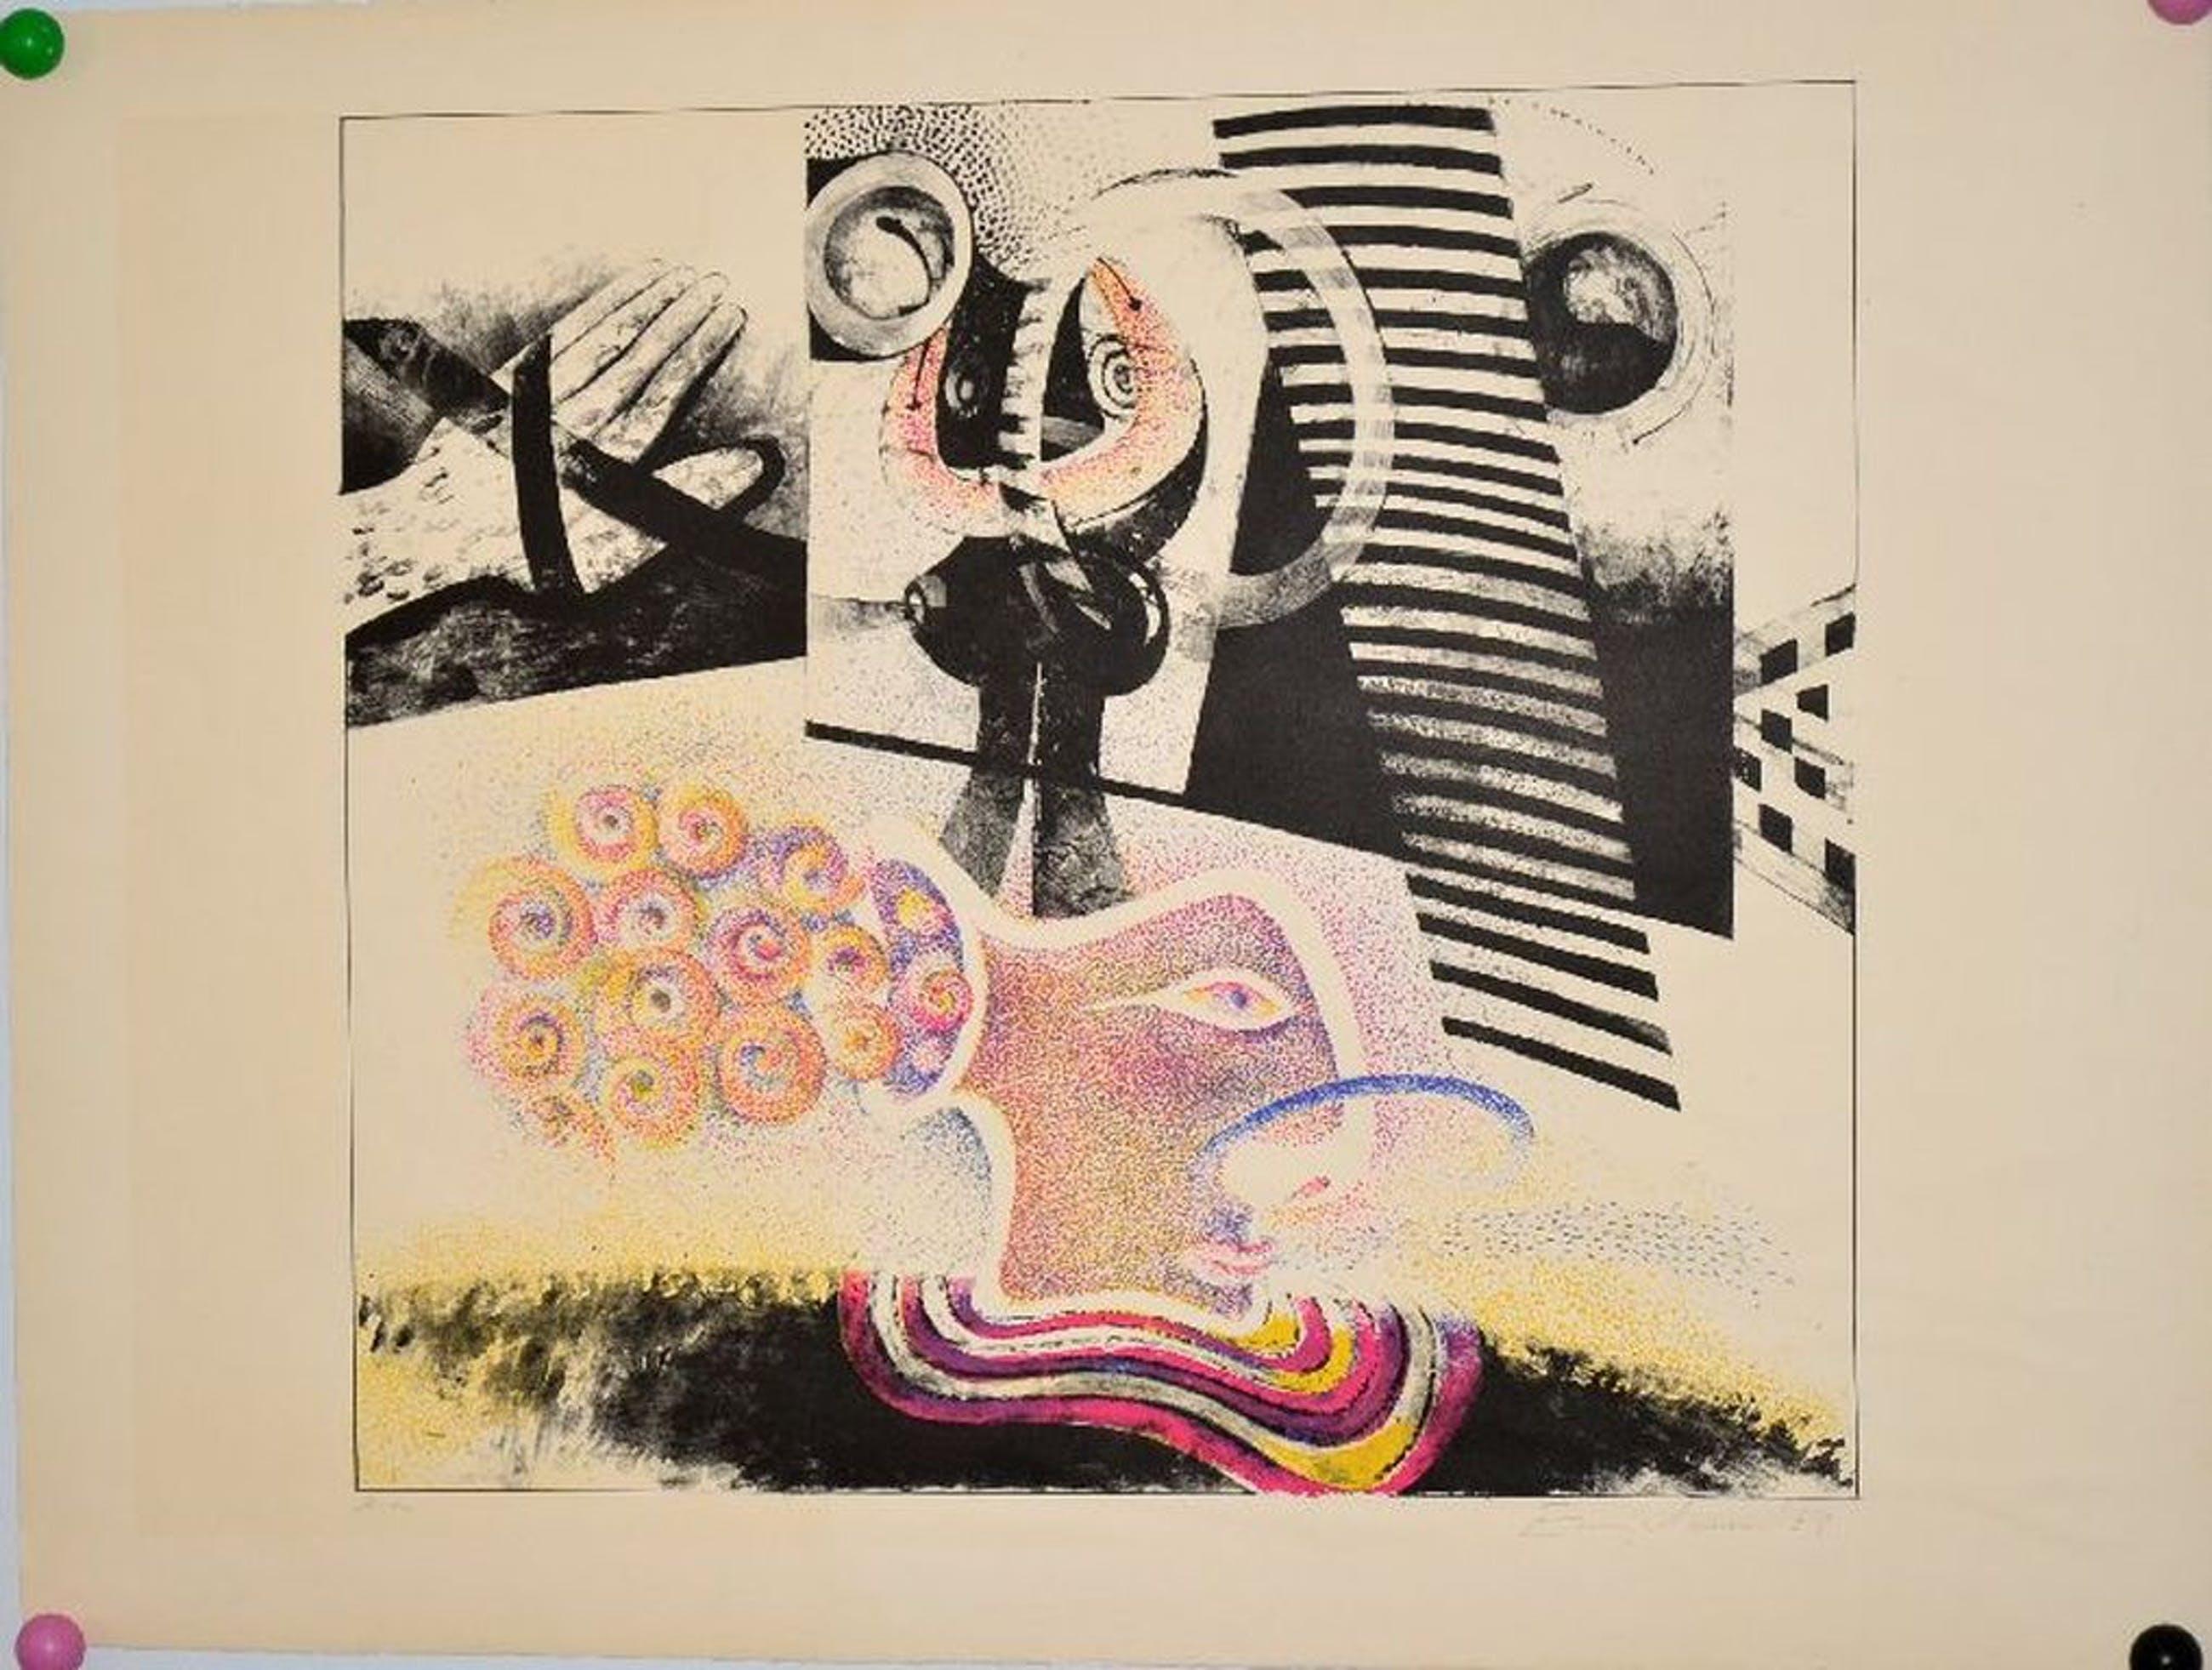 Martin Engelman: Kleurenlitho 1968, Prent 190 kopen? Bied vanaf 1!